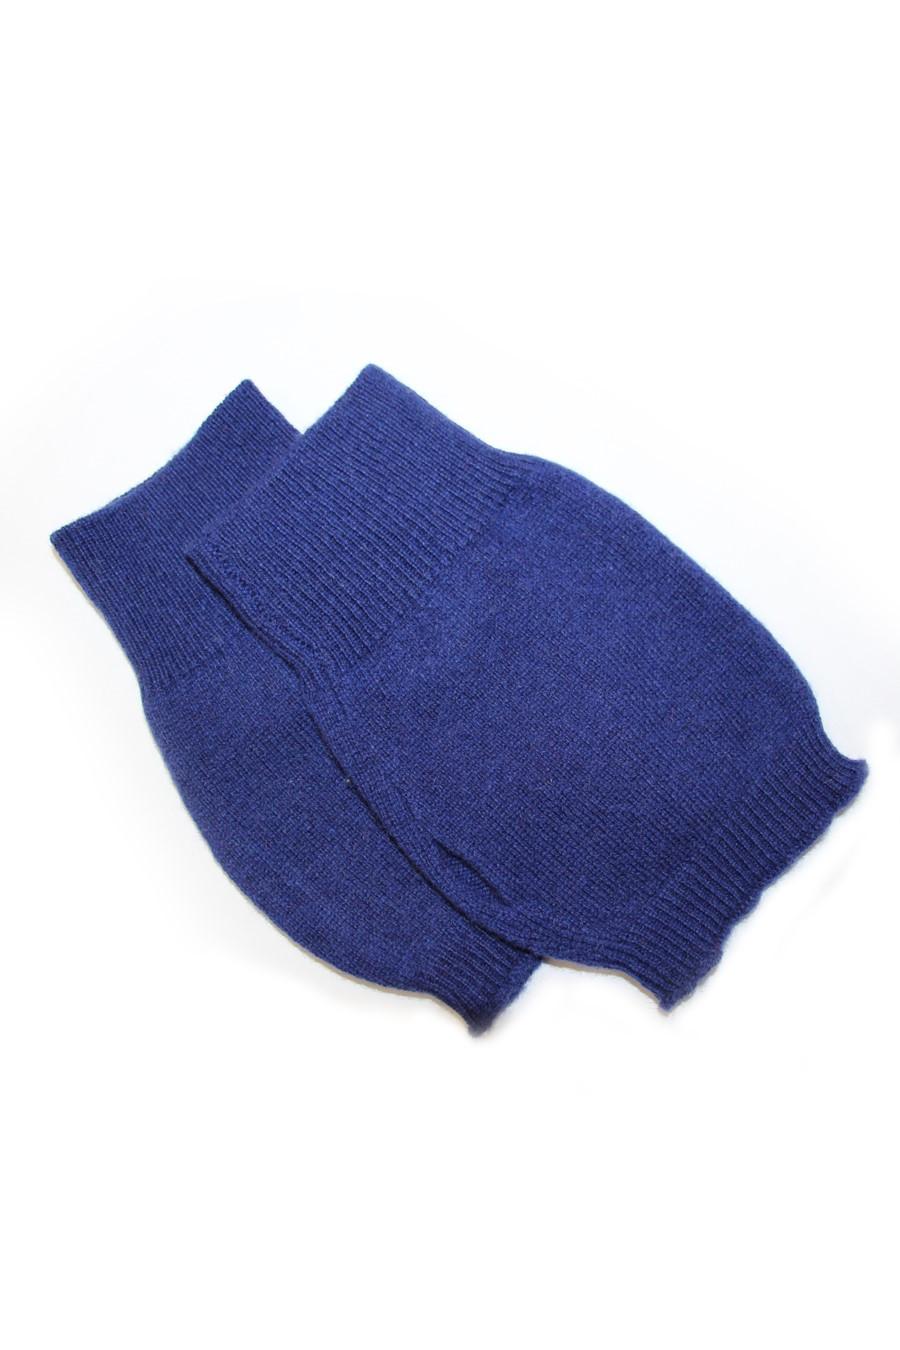 Mitaines YELENAZ bleu marine